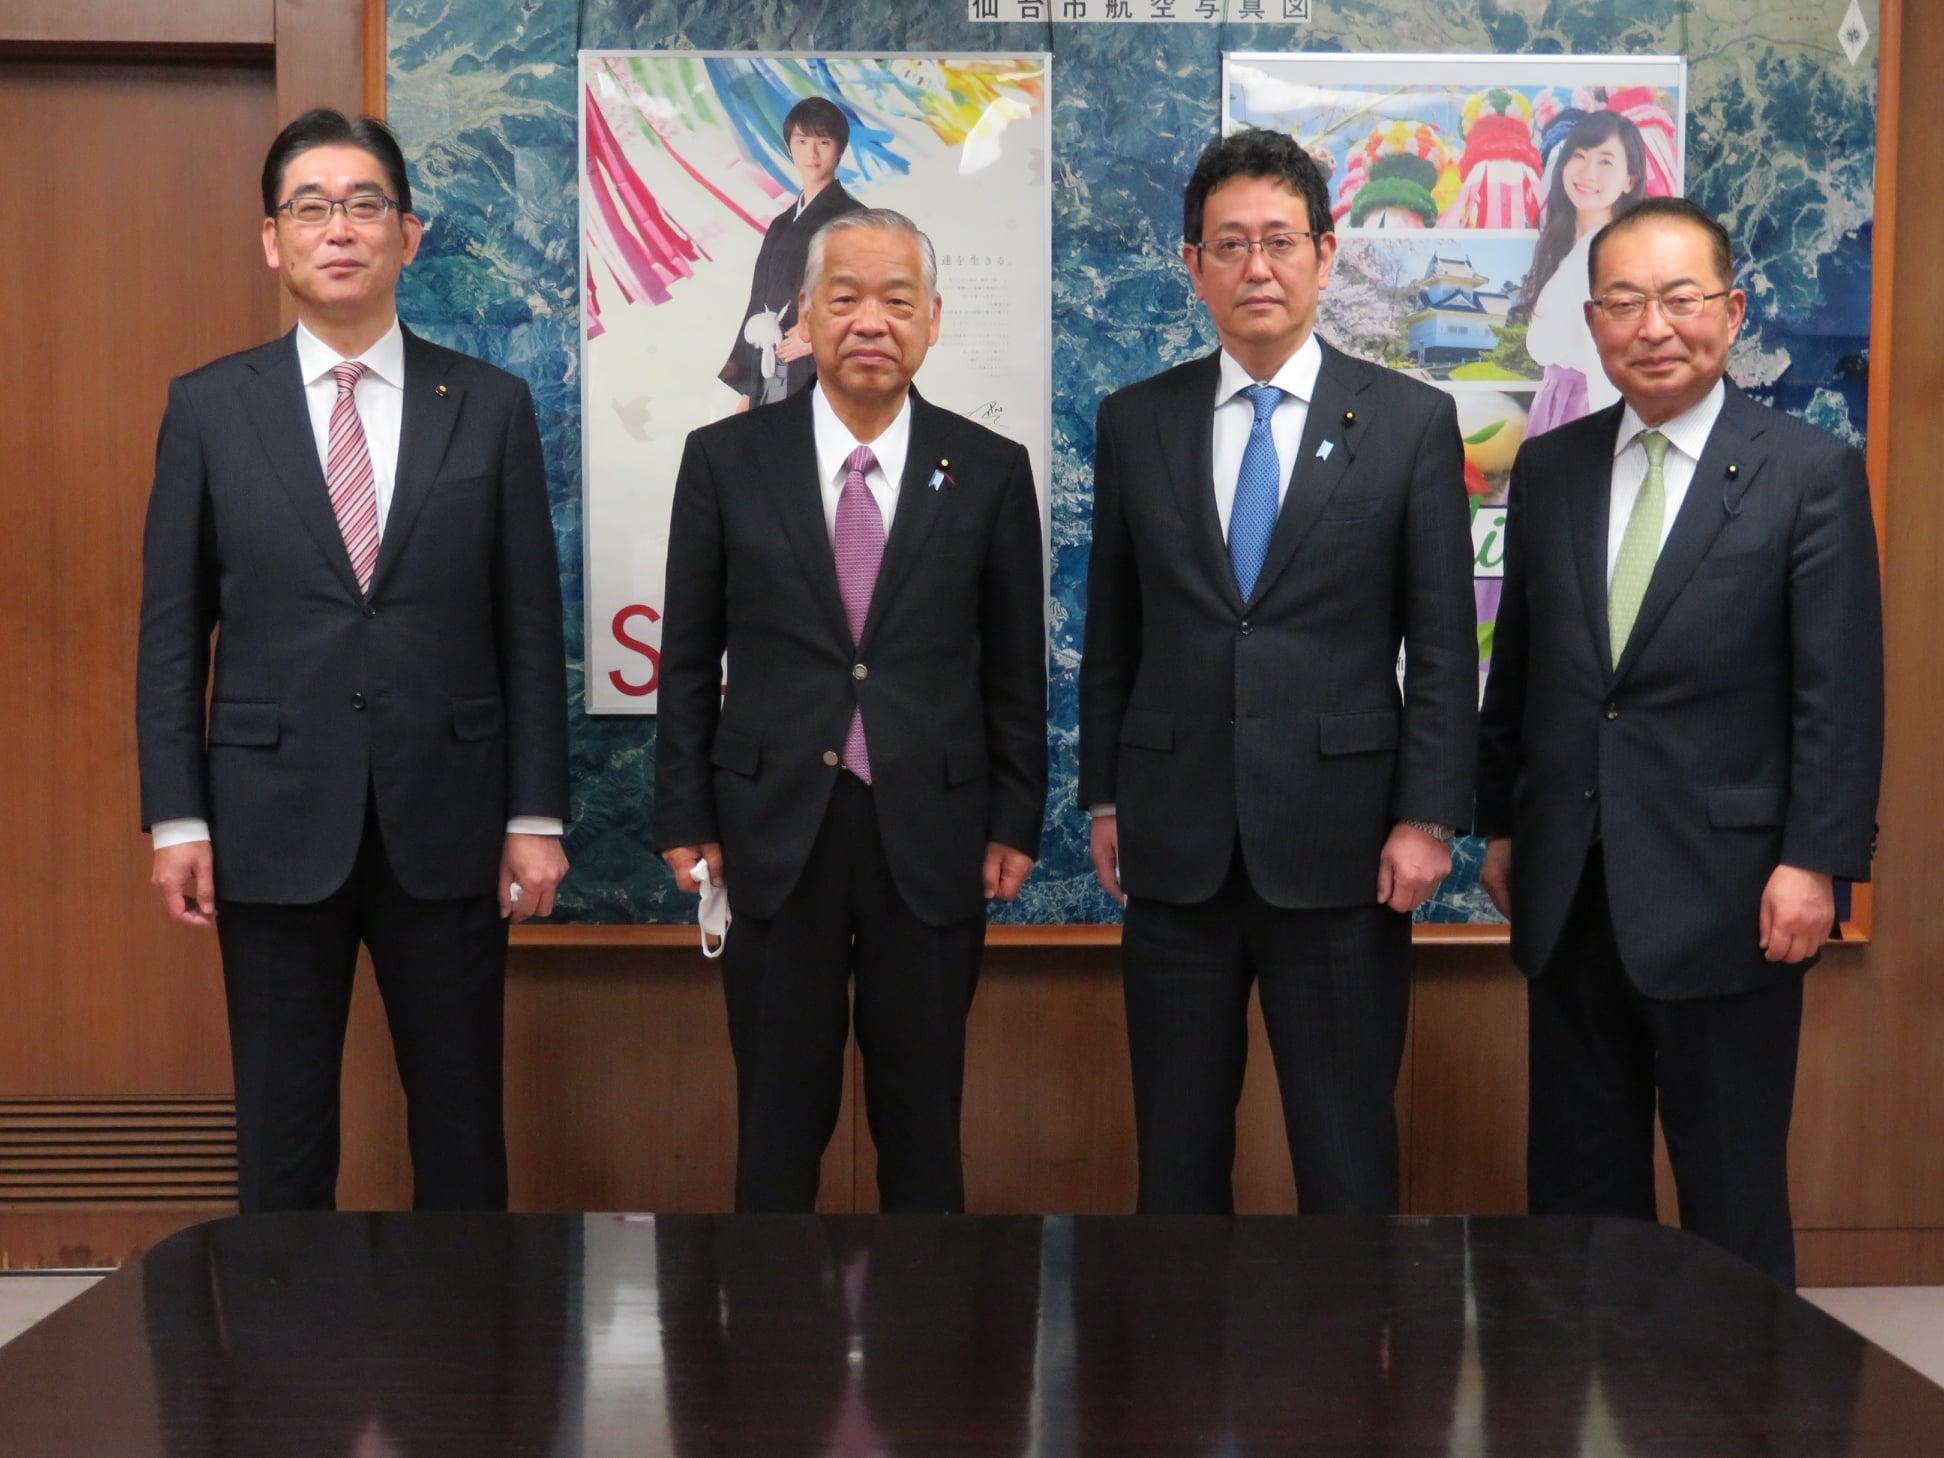 宮城県議会 石川議長、齋藤副議長が新年のご挨拶に来訪されました。